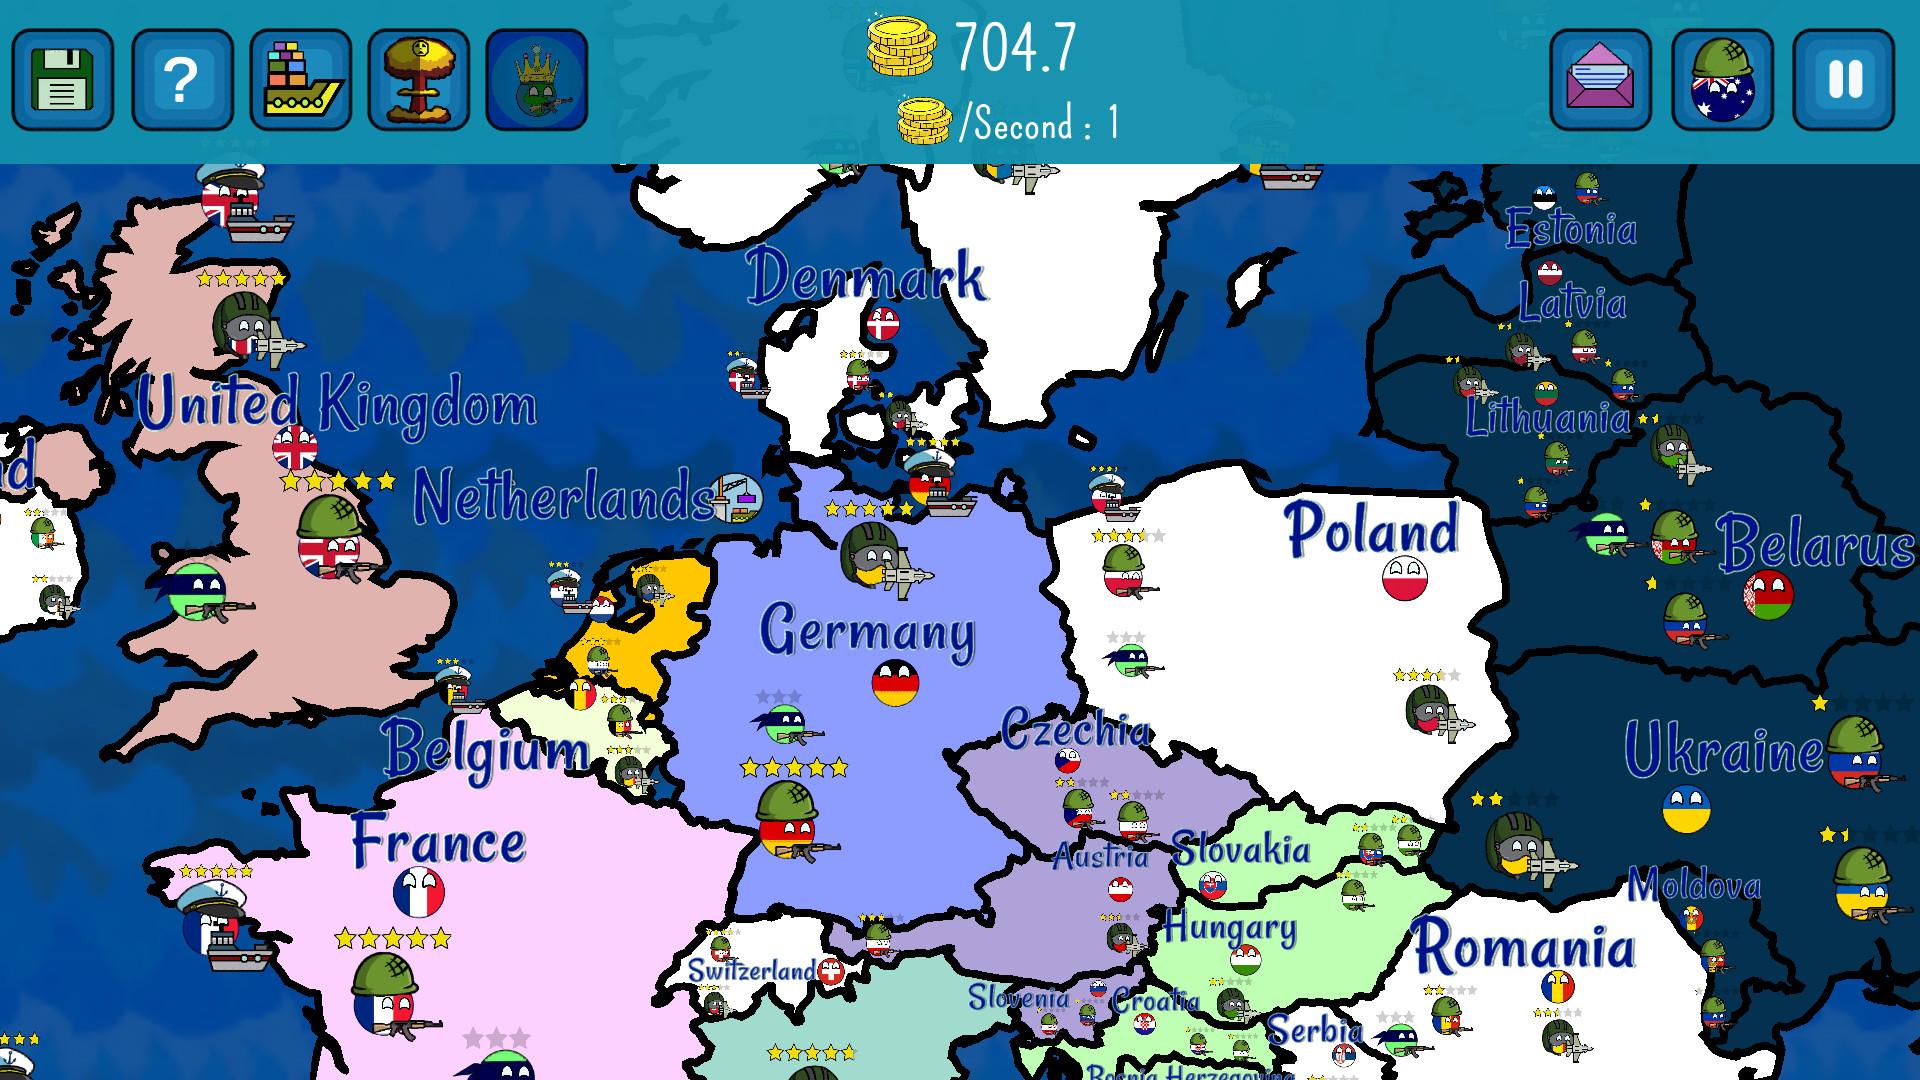 Belarusball Polandball Wiki Fandom